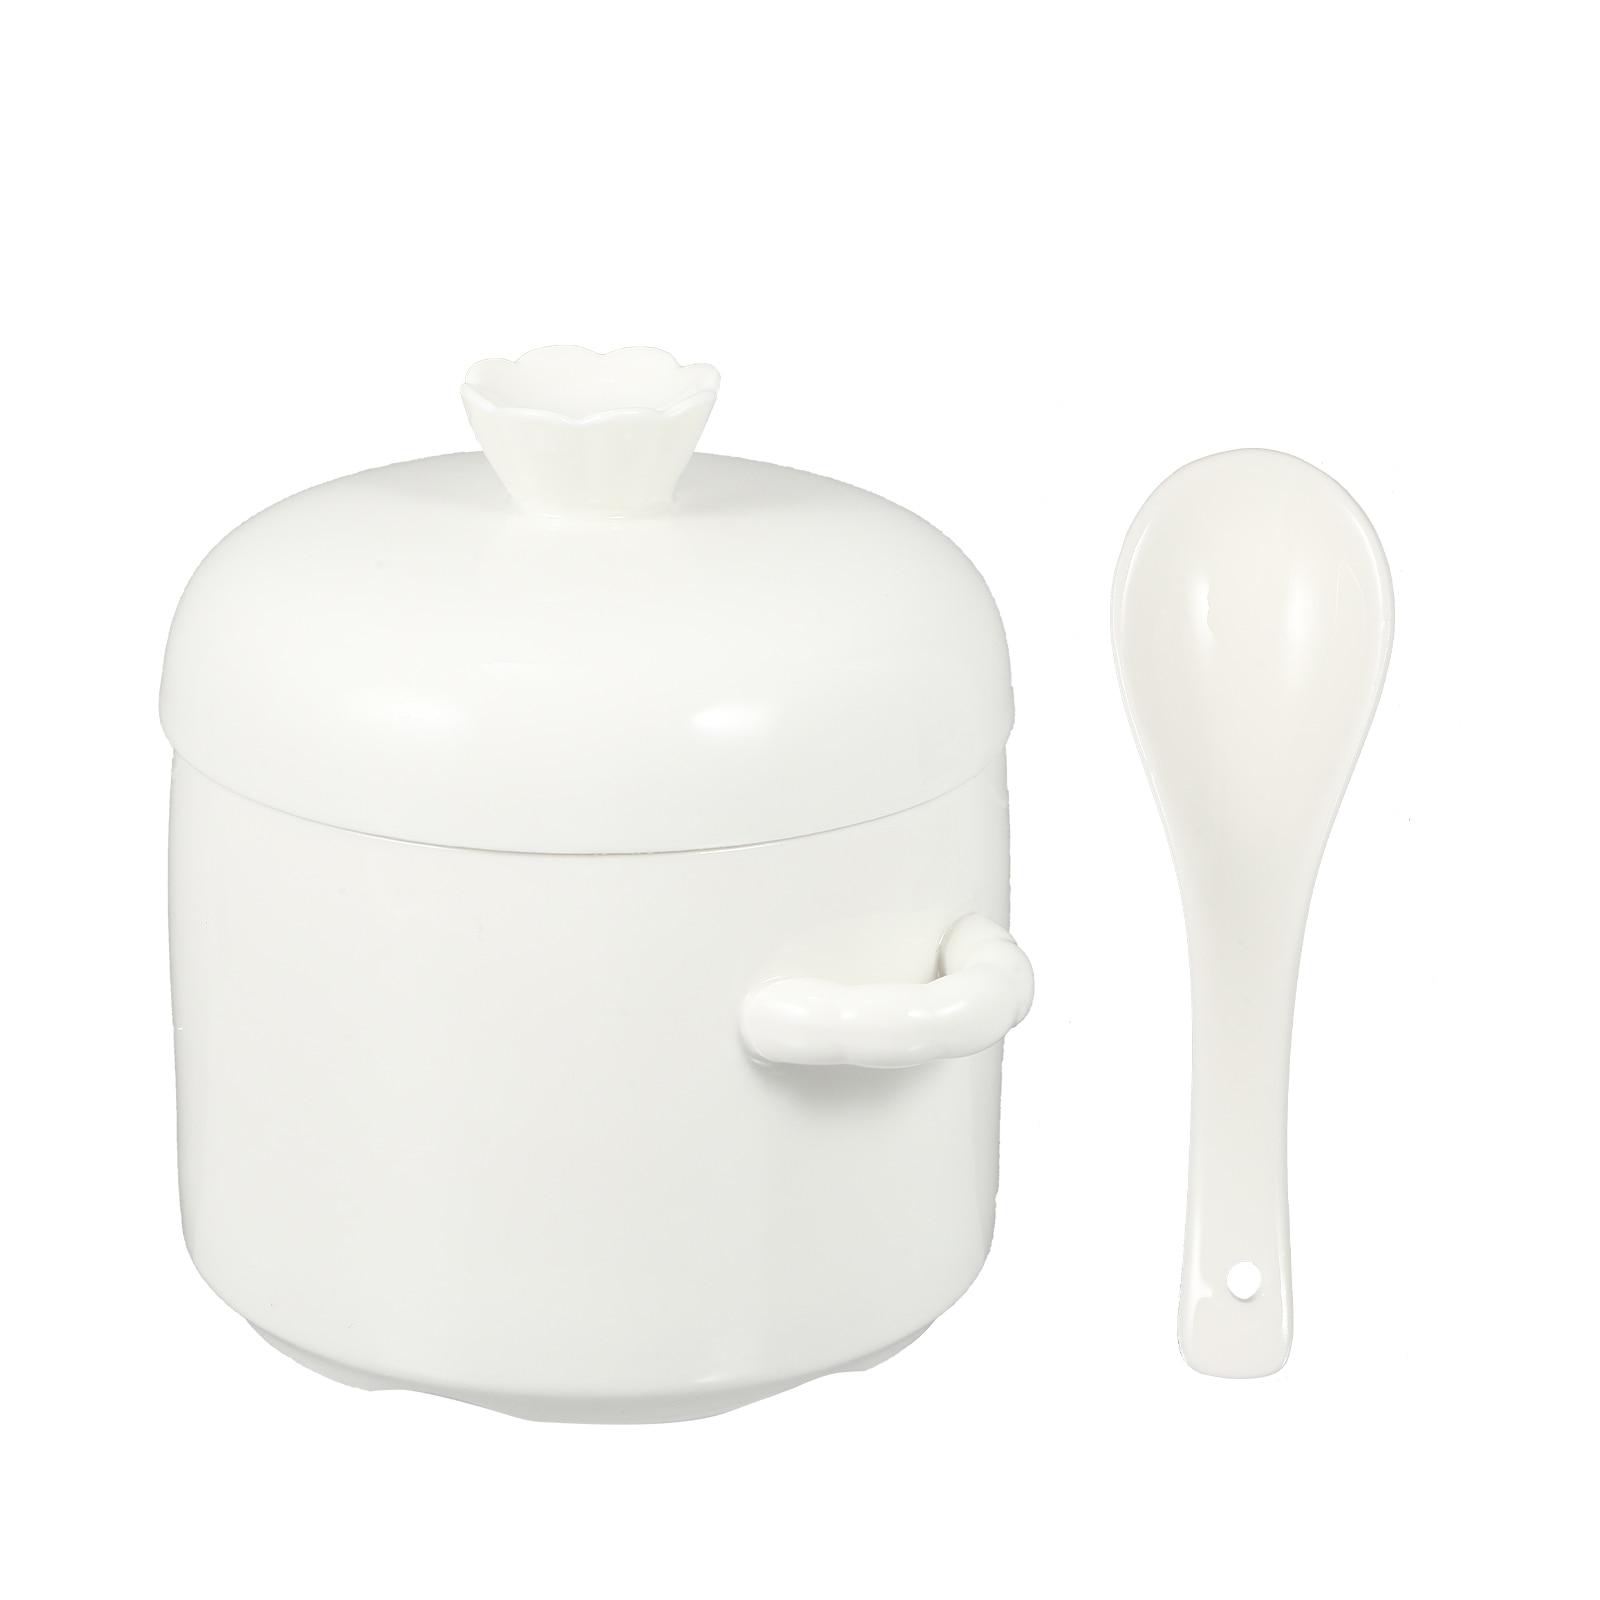 1 قطعة وعاء الطبخ رائعة المنزلية السيراميك الحساء وعاء الحساء وعاء مع غطاء (أبيض)